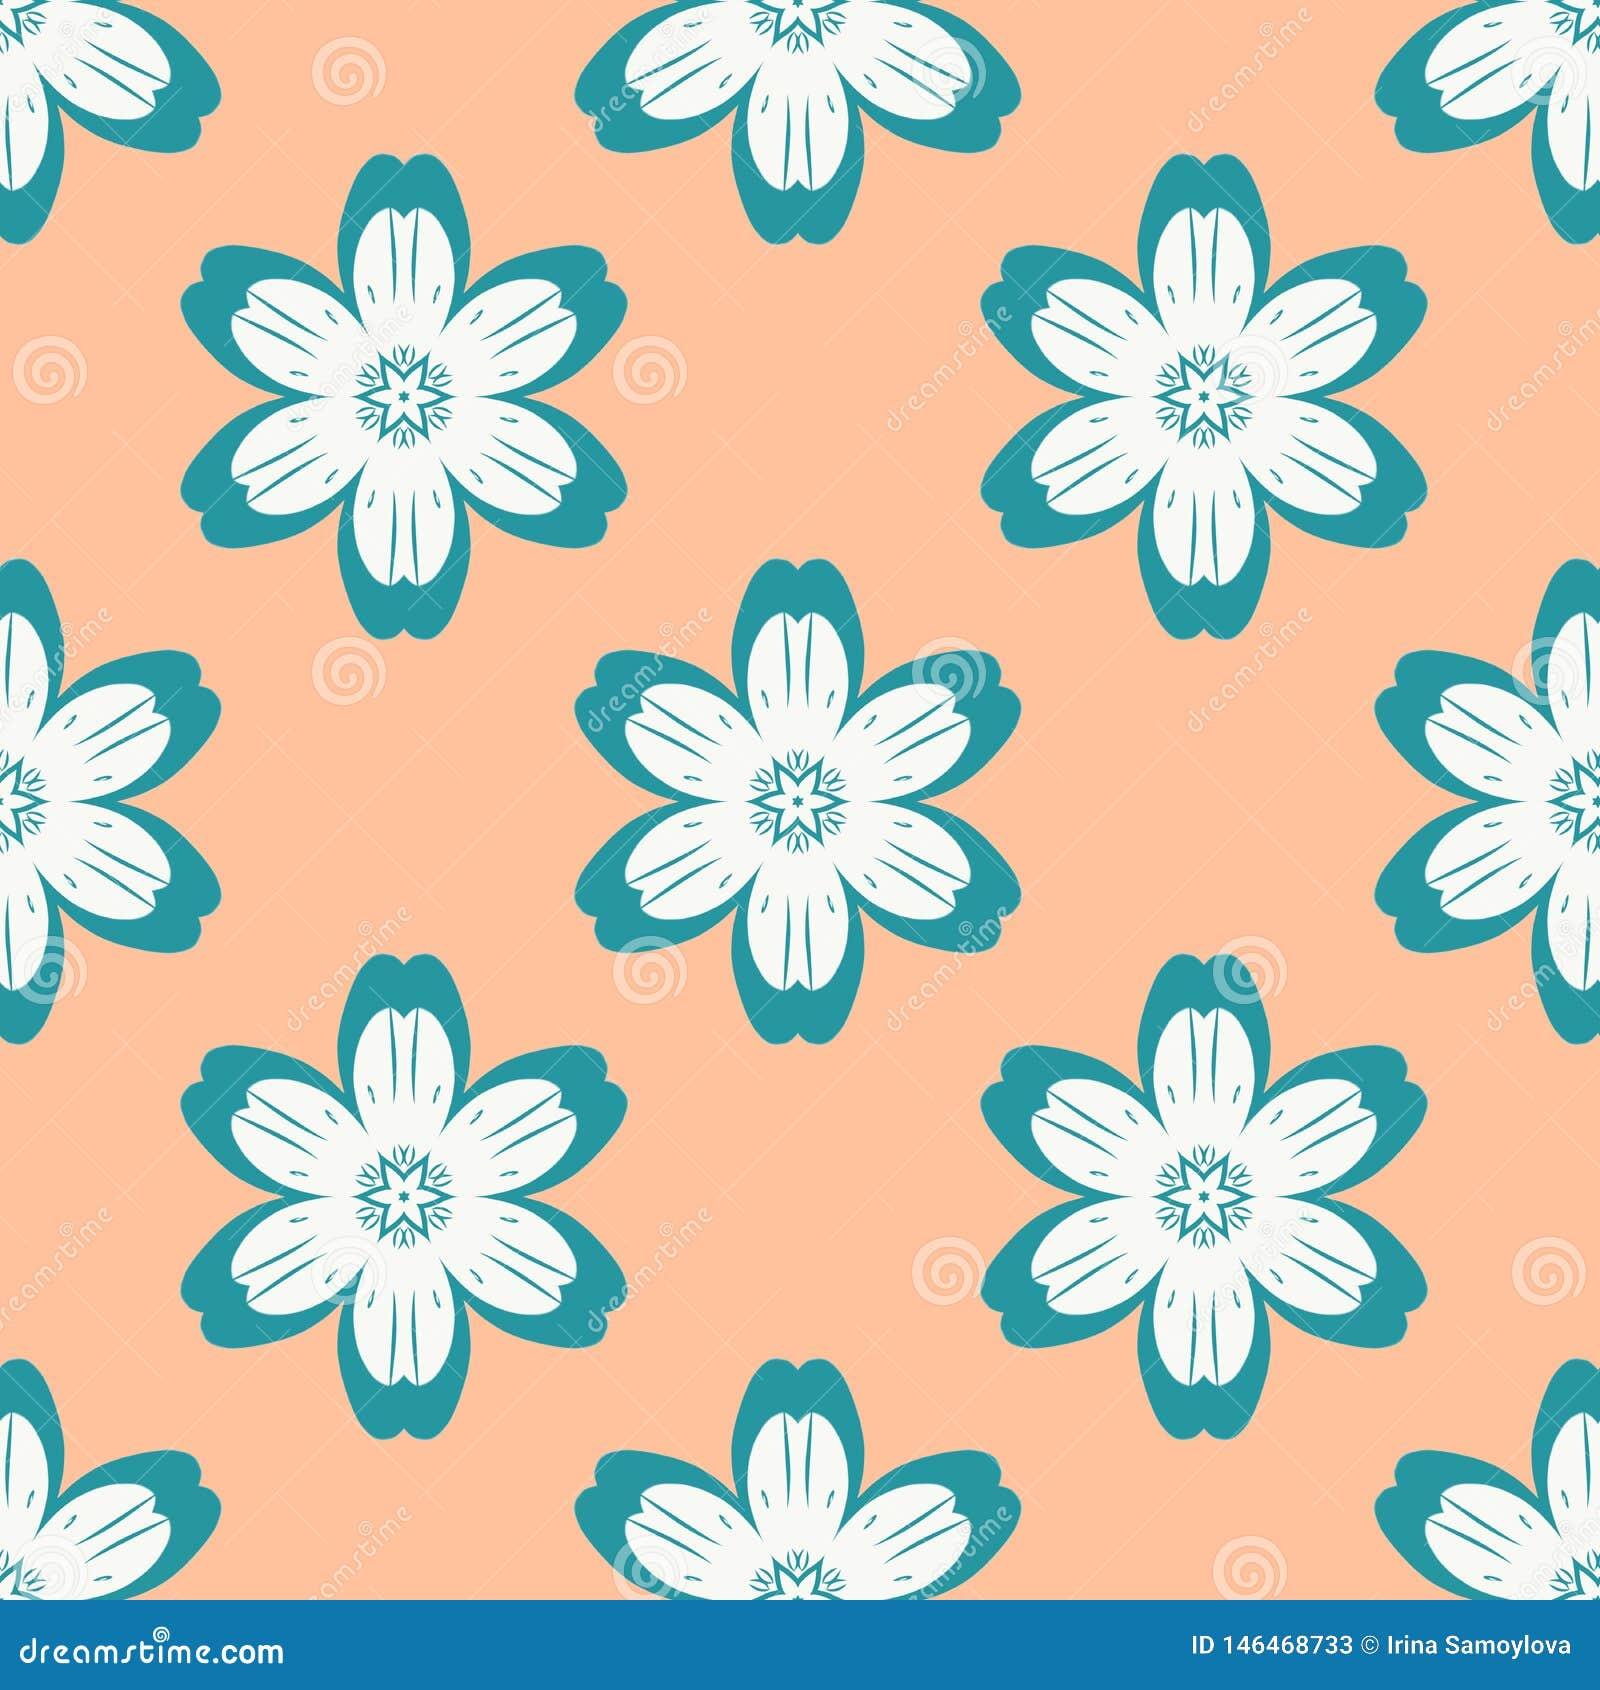 Digitaal blauw bloemen eenvoudig naadloos patroon op sinaasappel